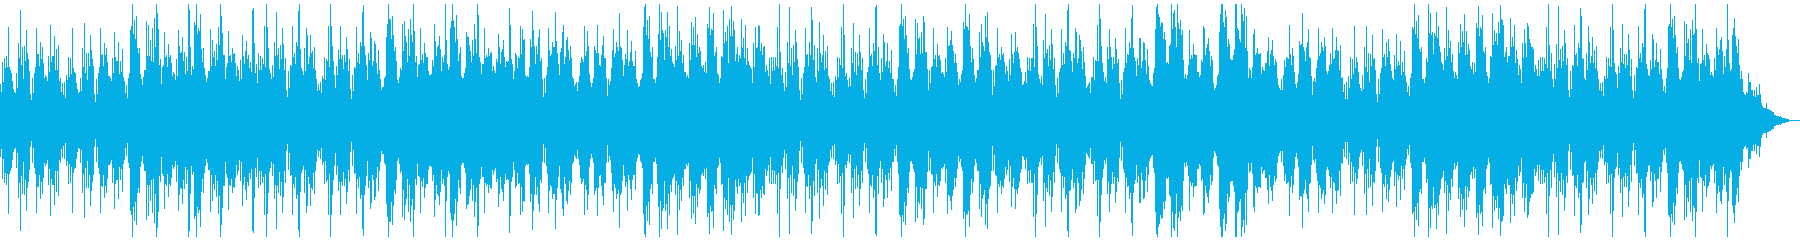 瞑想やヨガ、睡眠誘導のための音楽 07bの再生済みの波形